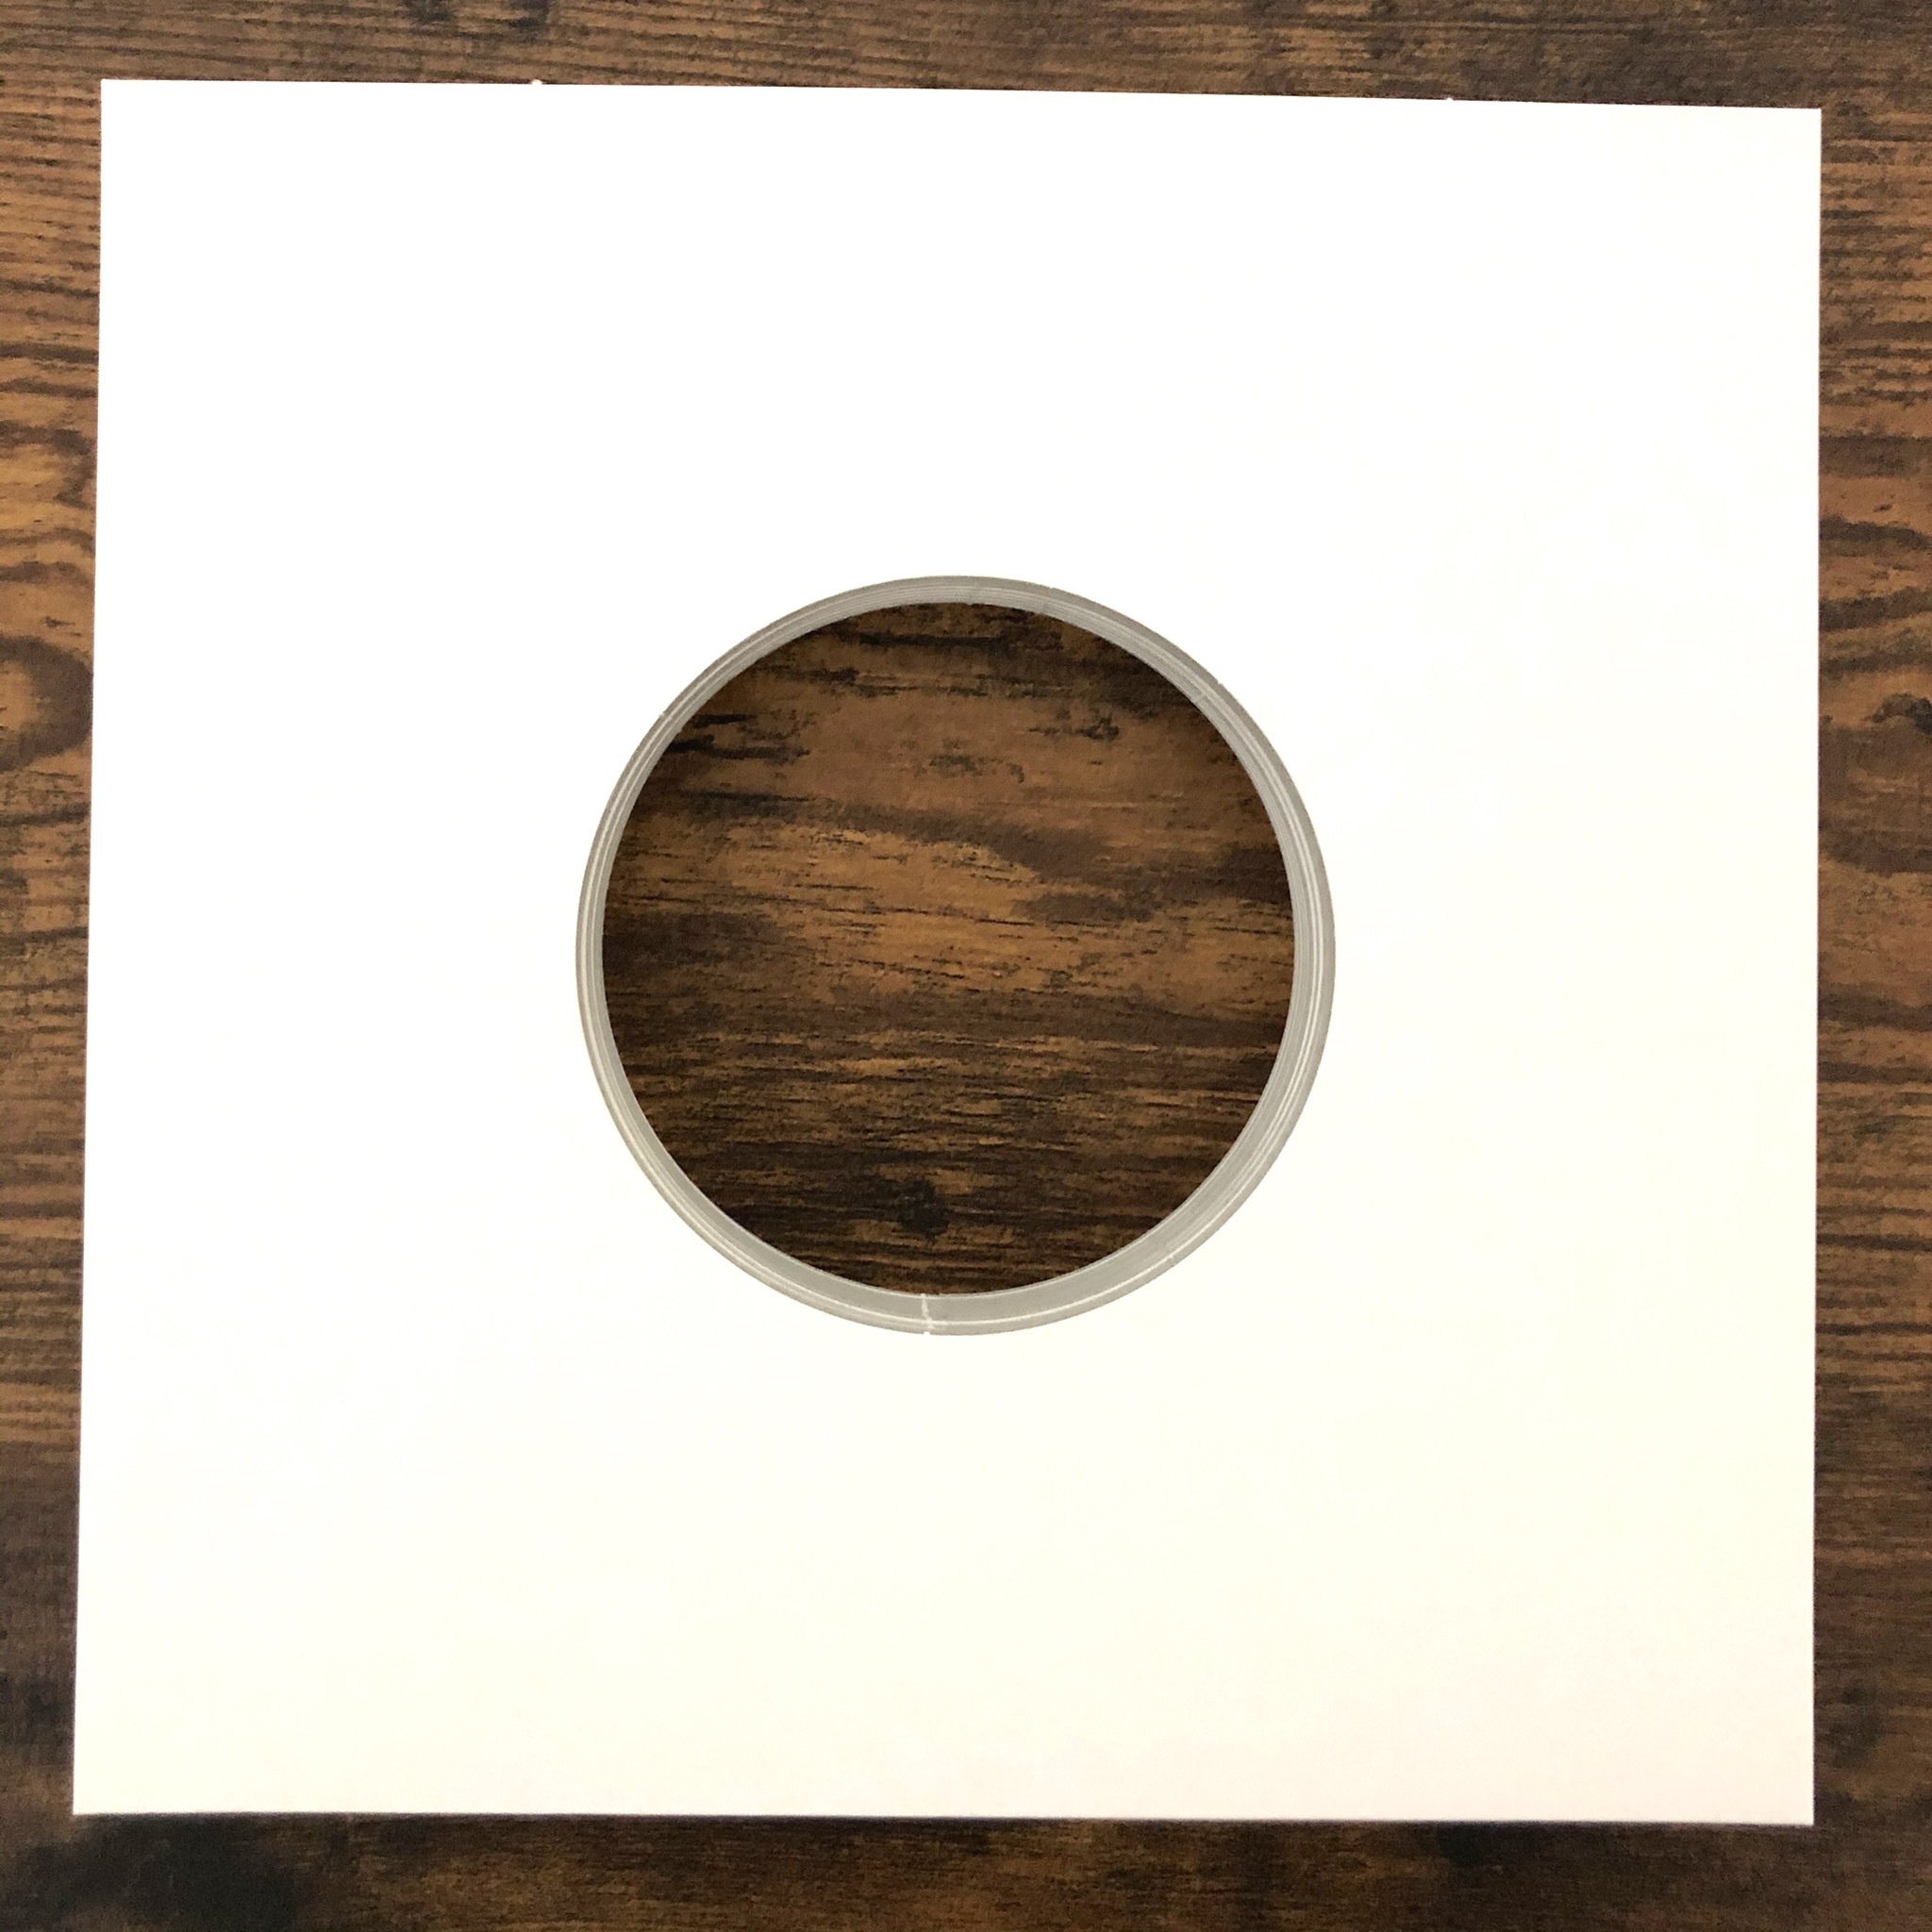 【国内最安値】7インチスリーブ(厚紙白色)×10枚【※当店でレコード購入者限定】